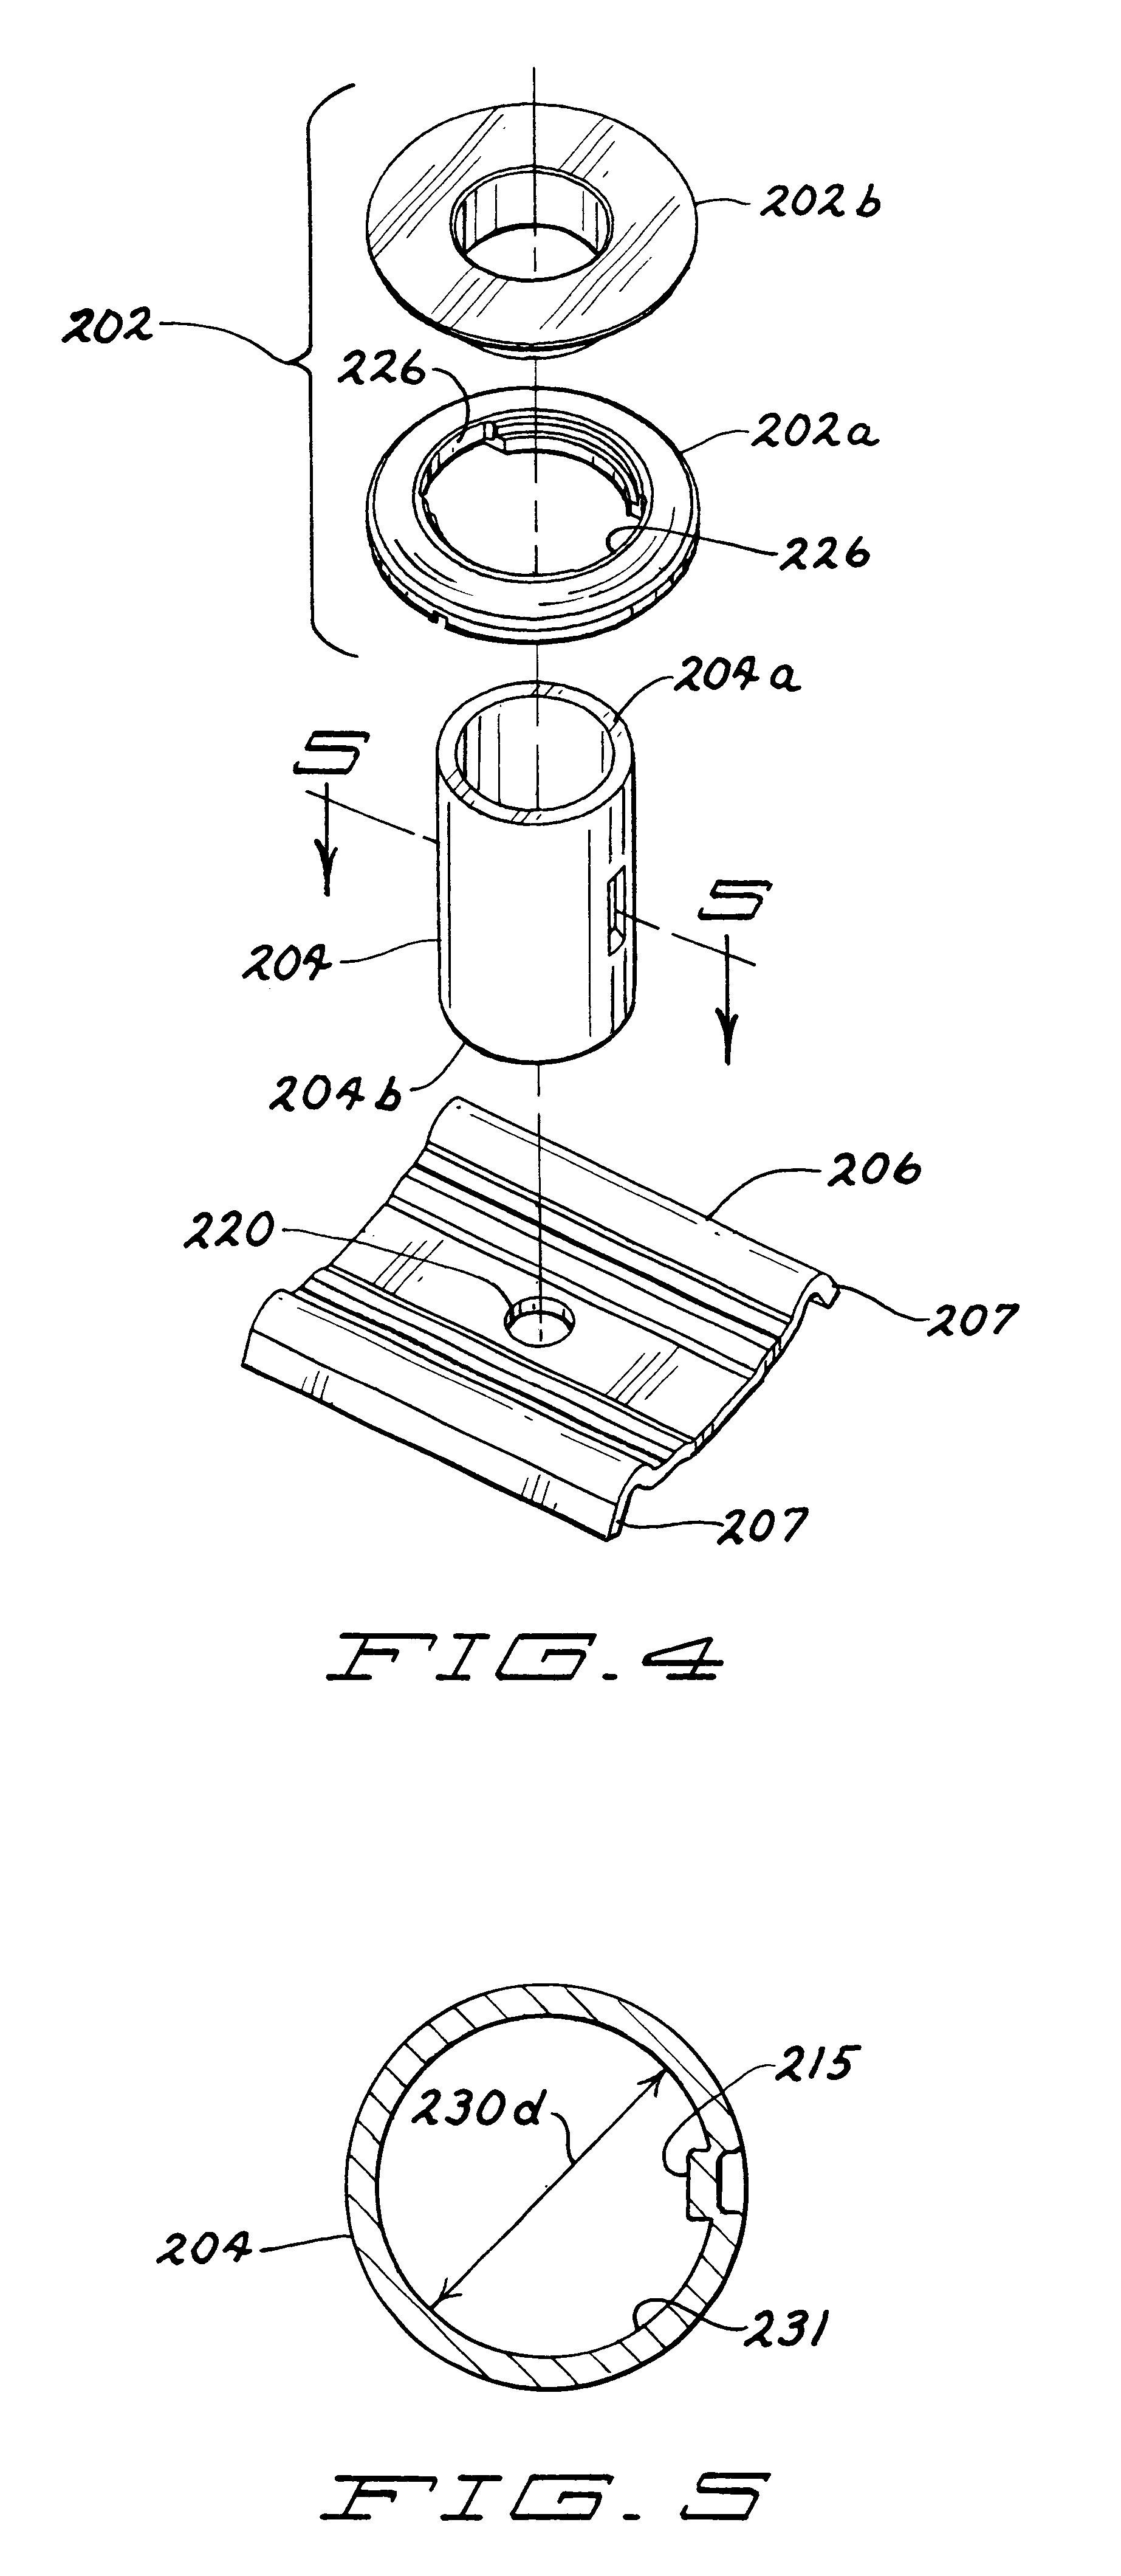 fr651v kawasaki engine parts diagram toro z master parts